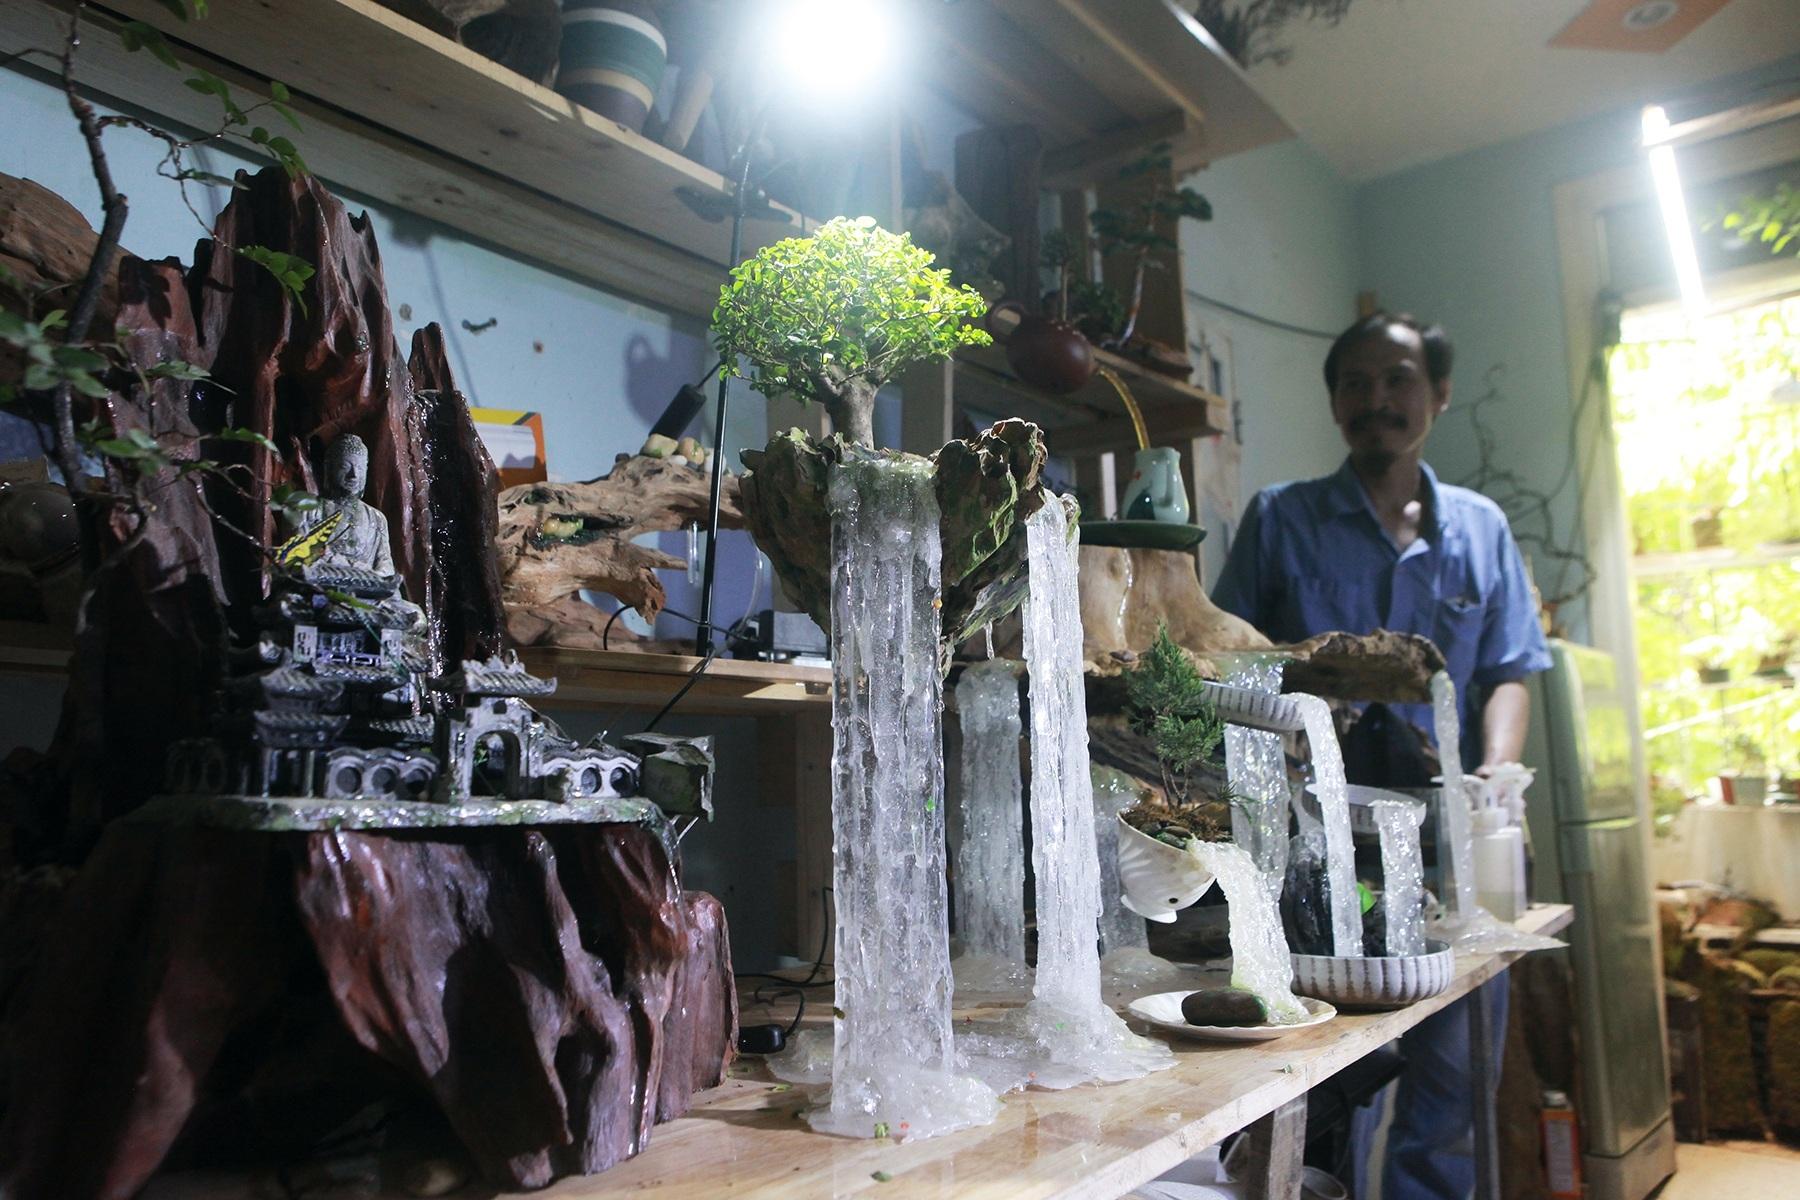 Kiếm chục triệu nhờ cành tre khô, thu 200 triệu/tháng từ vỏ cây lẫn rác